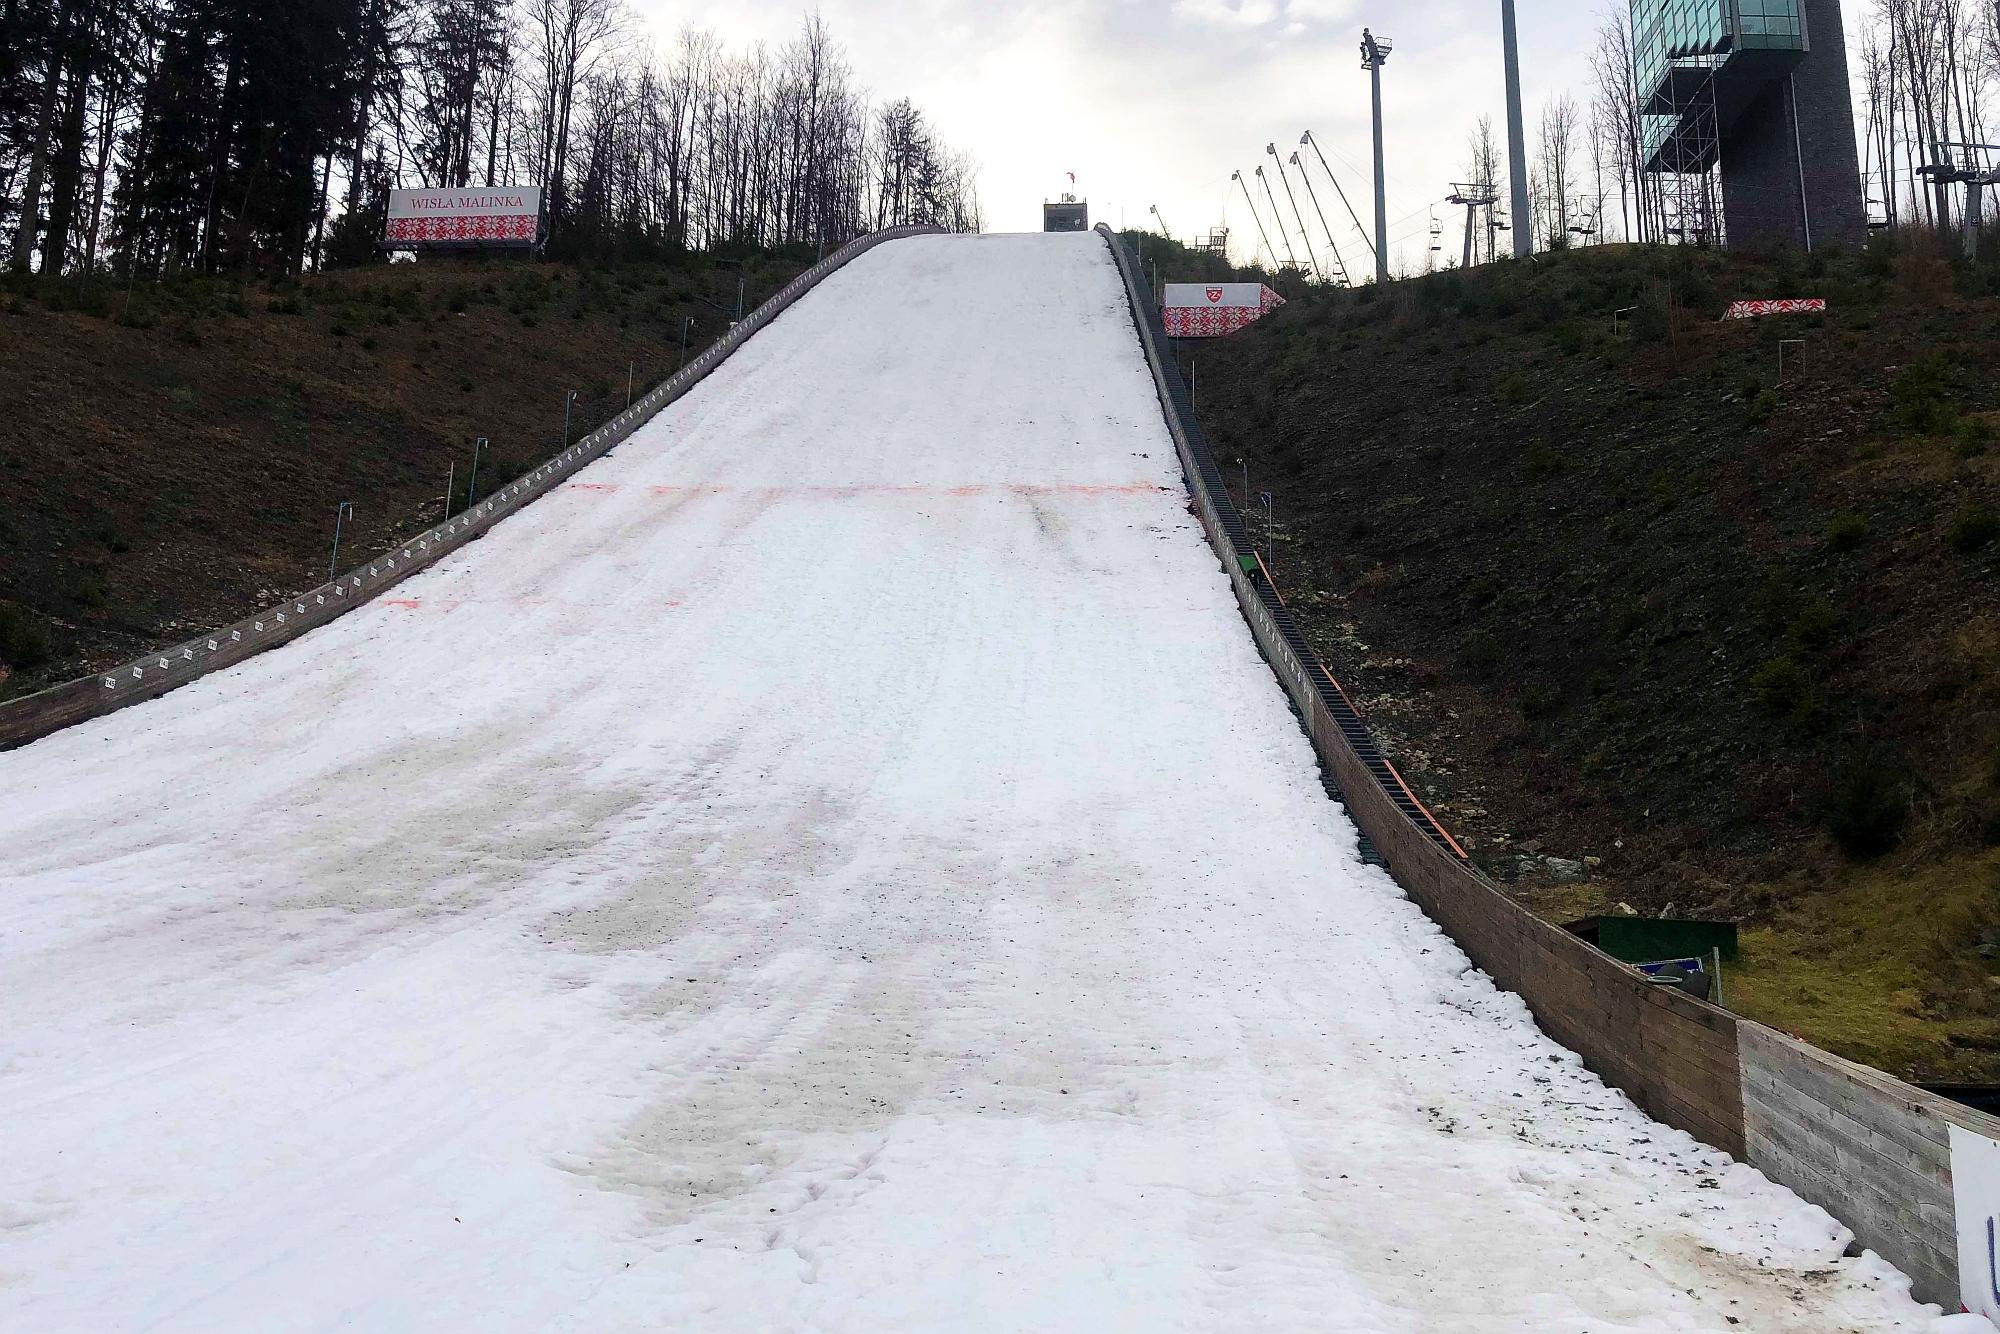 Mistrzostwa Polski w Wiśle odwołane! Warunki nie pozwolą na skoki [ZDJĘCIA]